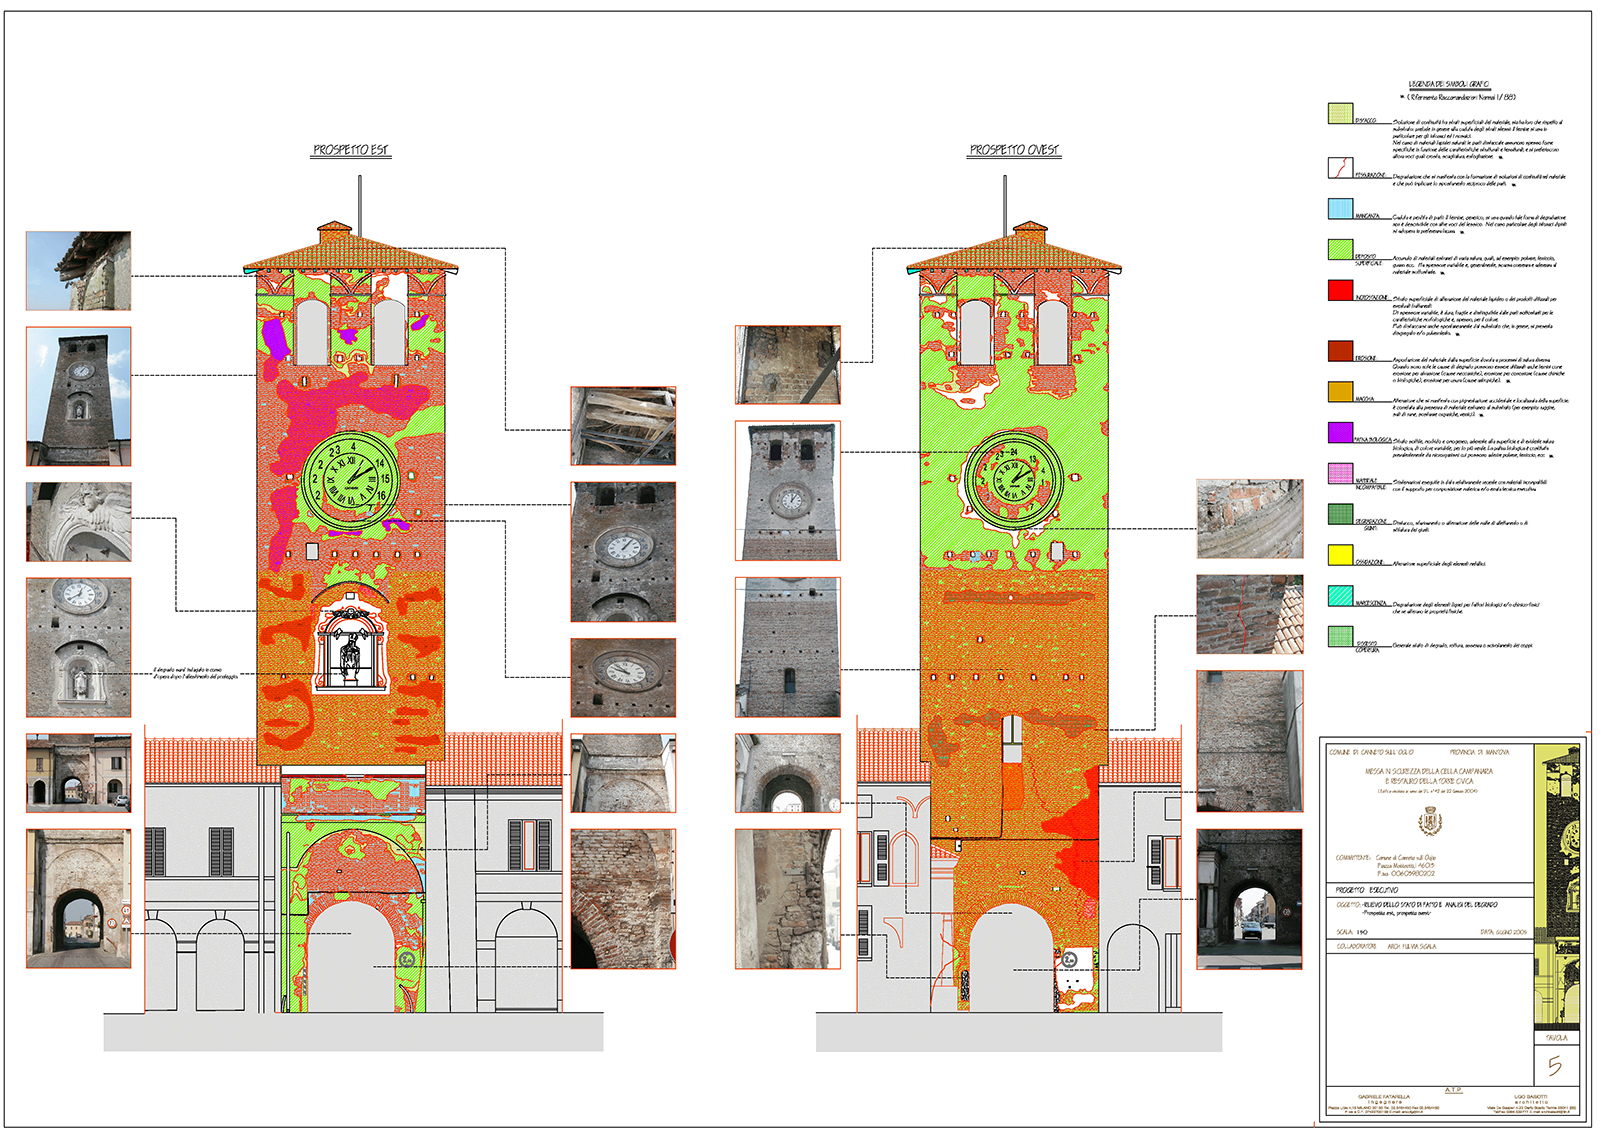 Studio-di-architettura-Baisotti-Sigala-prgetti181